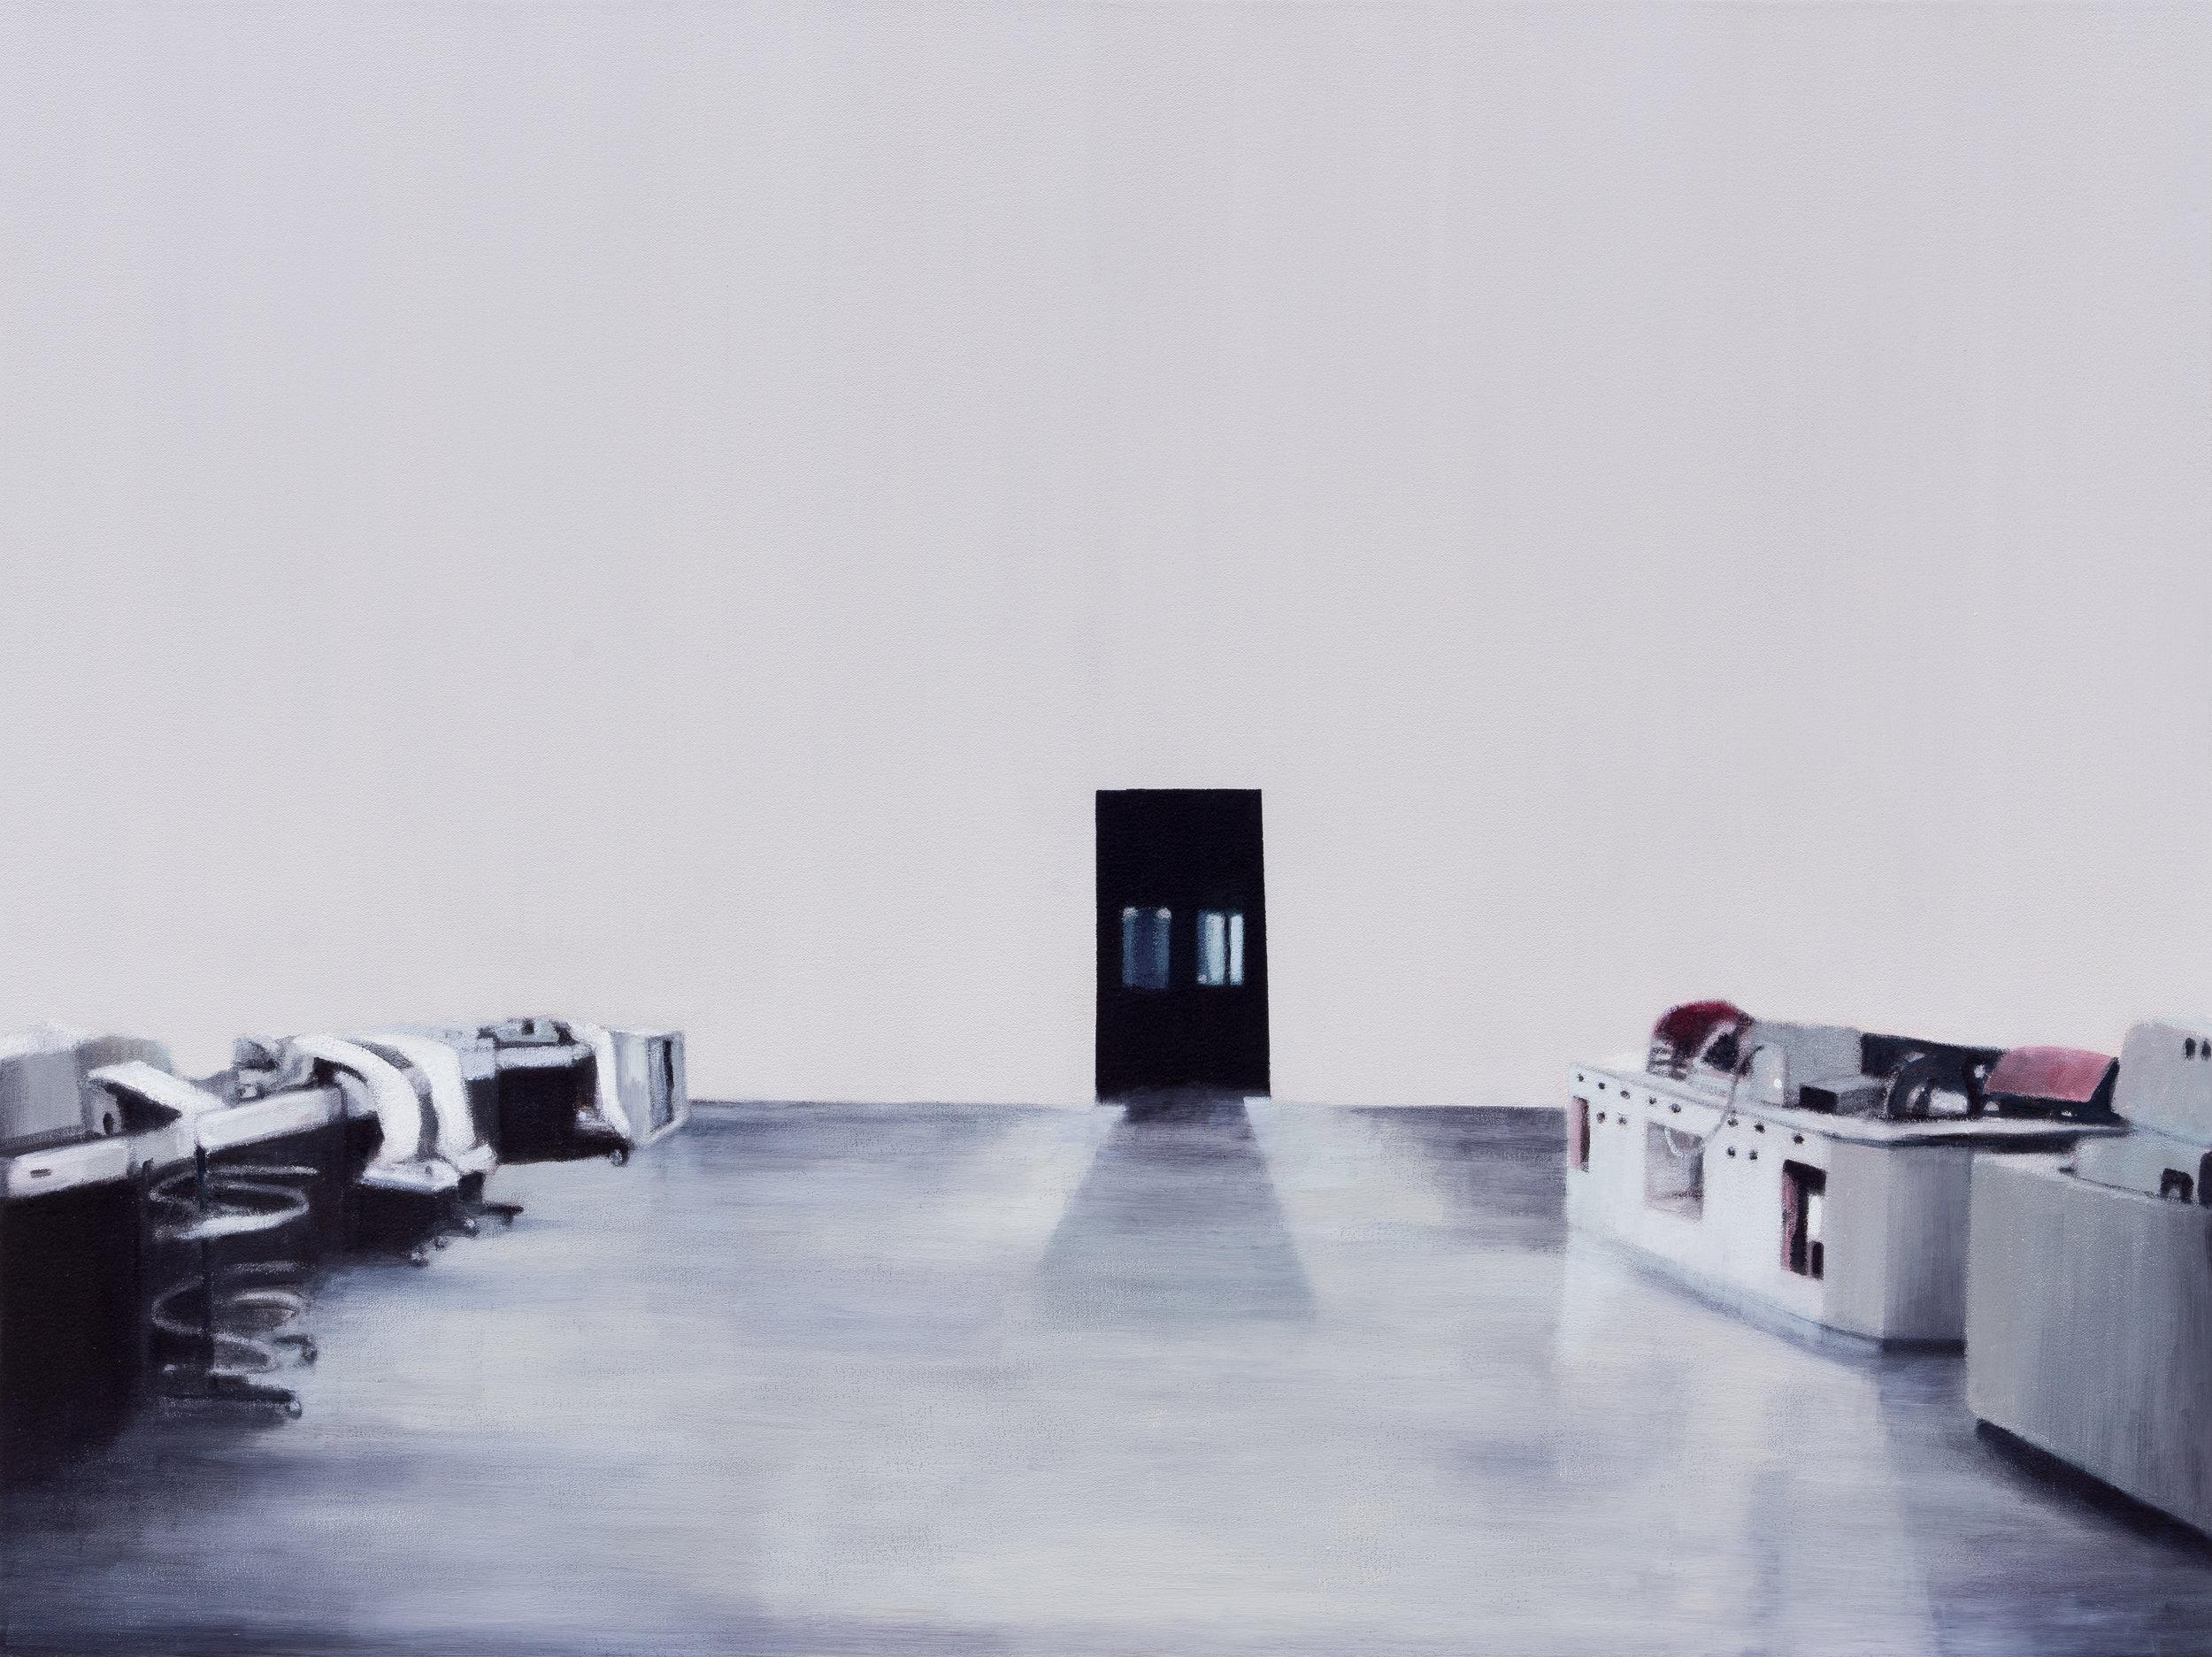 """Joe Lima, Station 21, 2019, peinture à l'huile et cire sur toile, 76 x 102 cm (30"""" x 40"""")"""